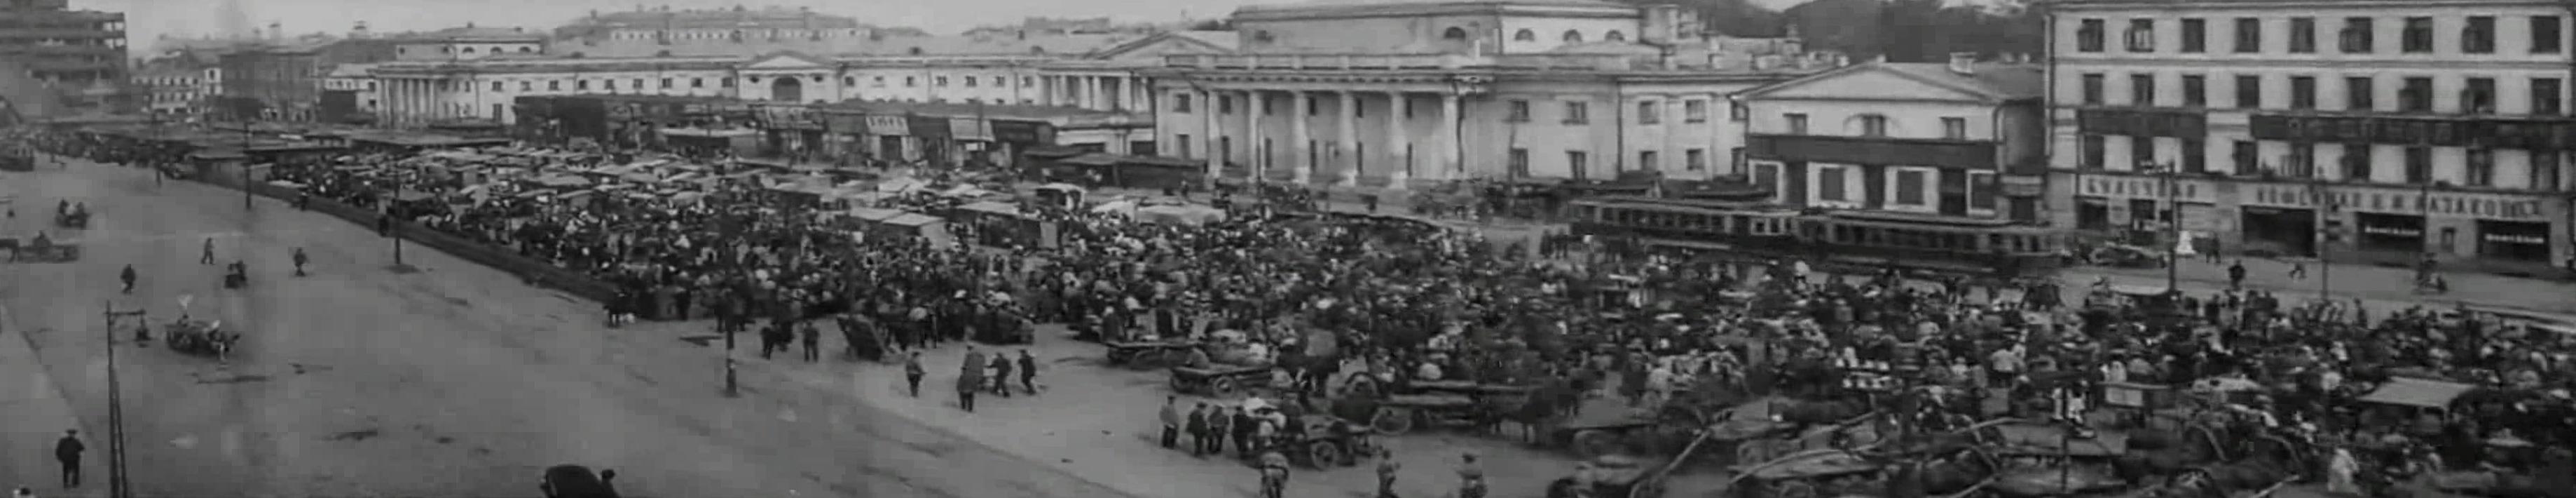 Сухаревская площадь. История Сретенки. Фото. Кинохроника 1918 и 1927 гг.